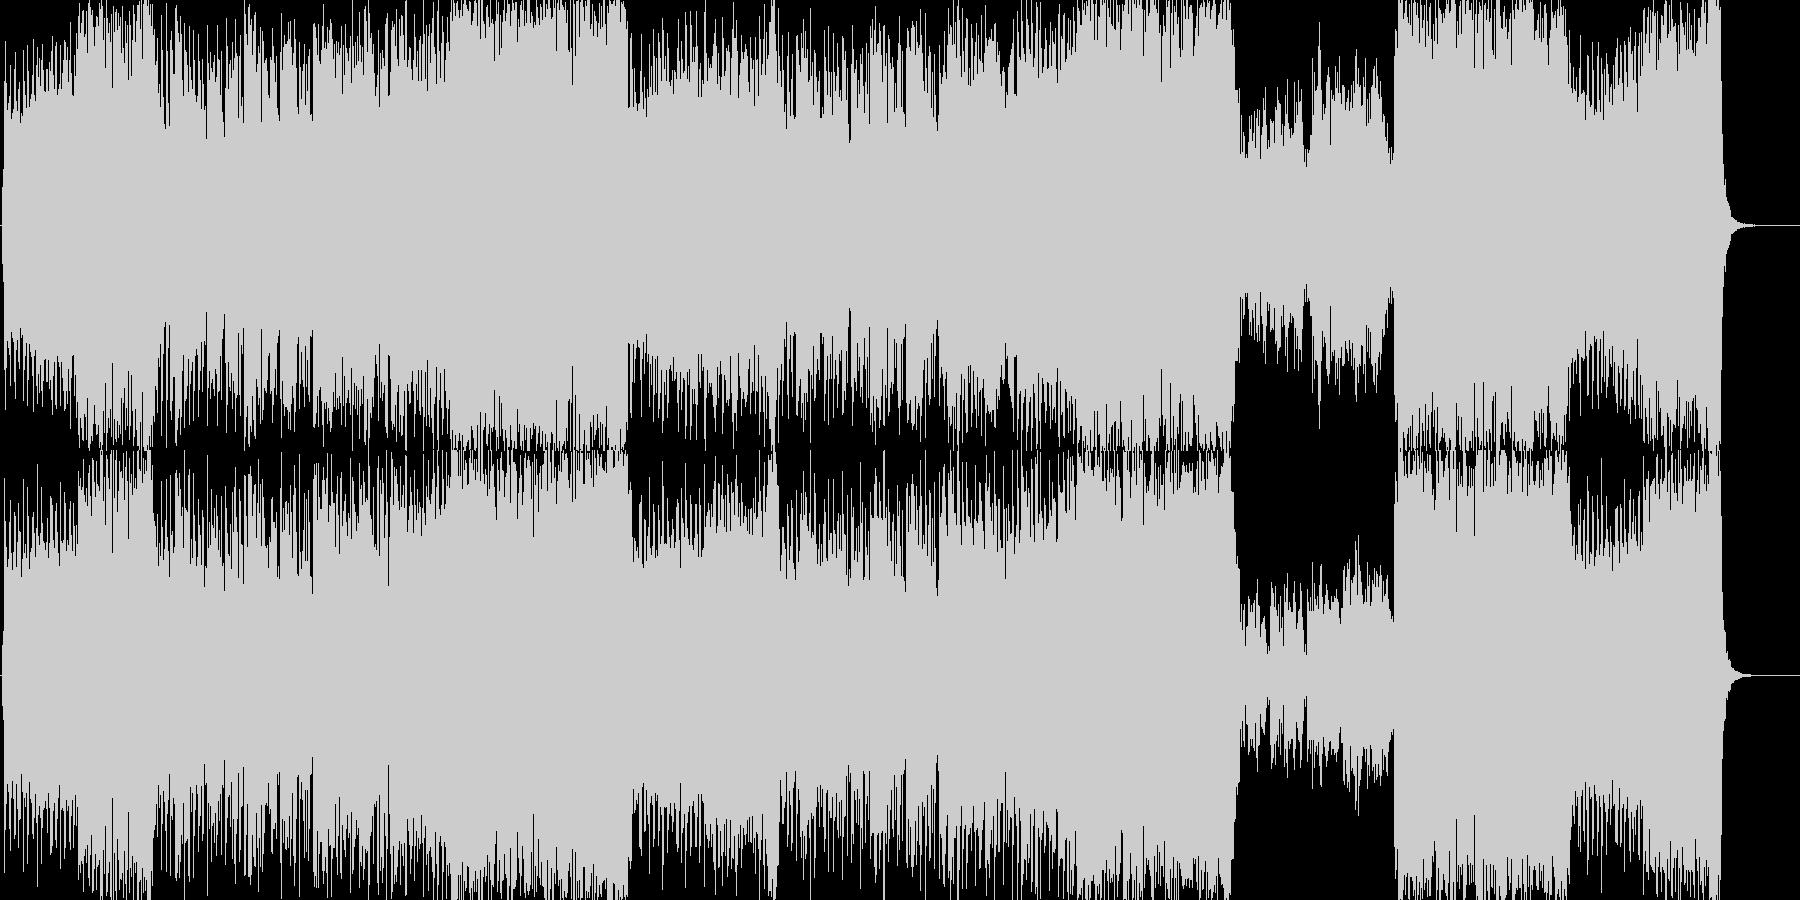 躍動感ある、和風ロックの歌ものの未再生の波形